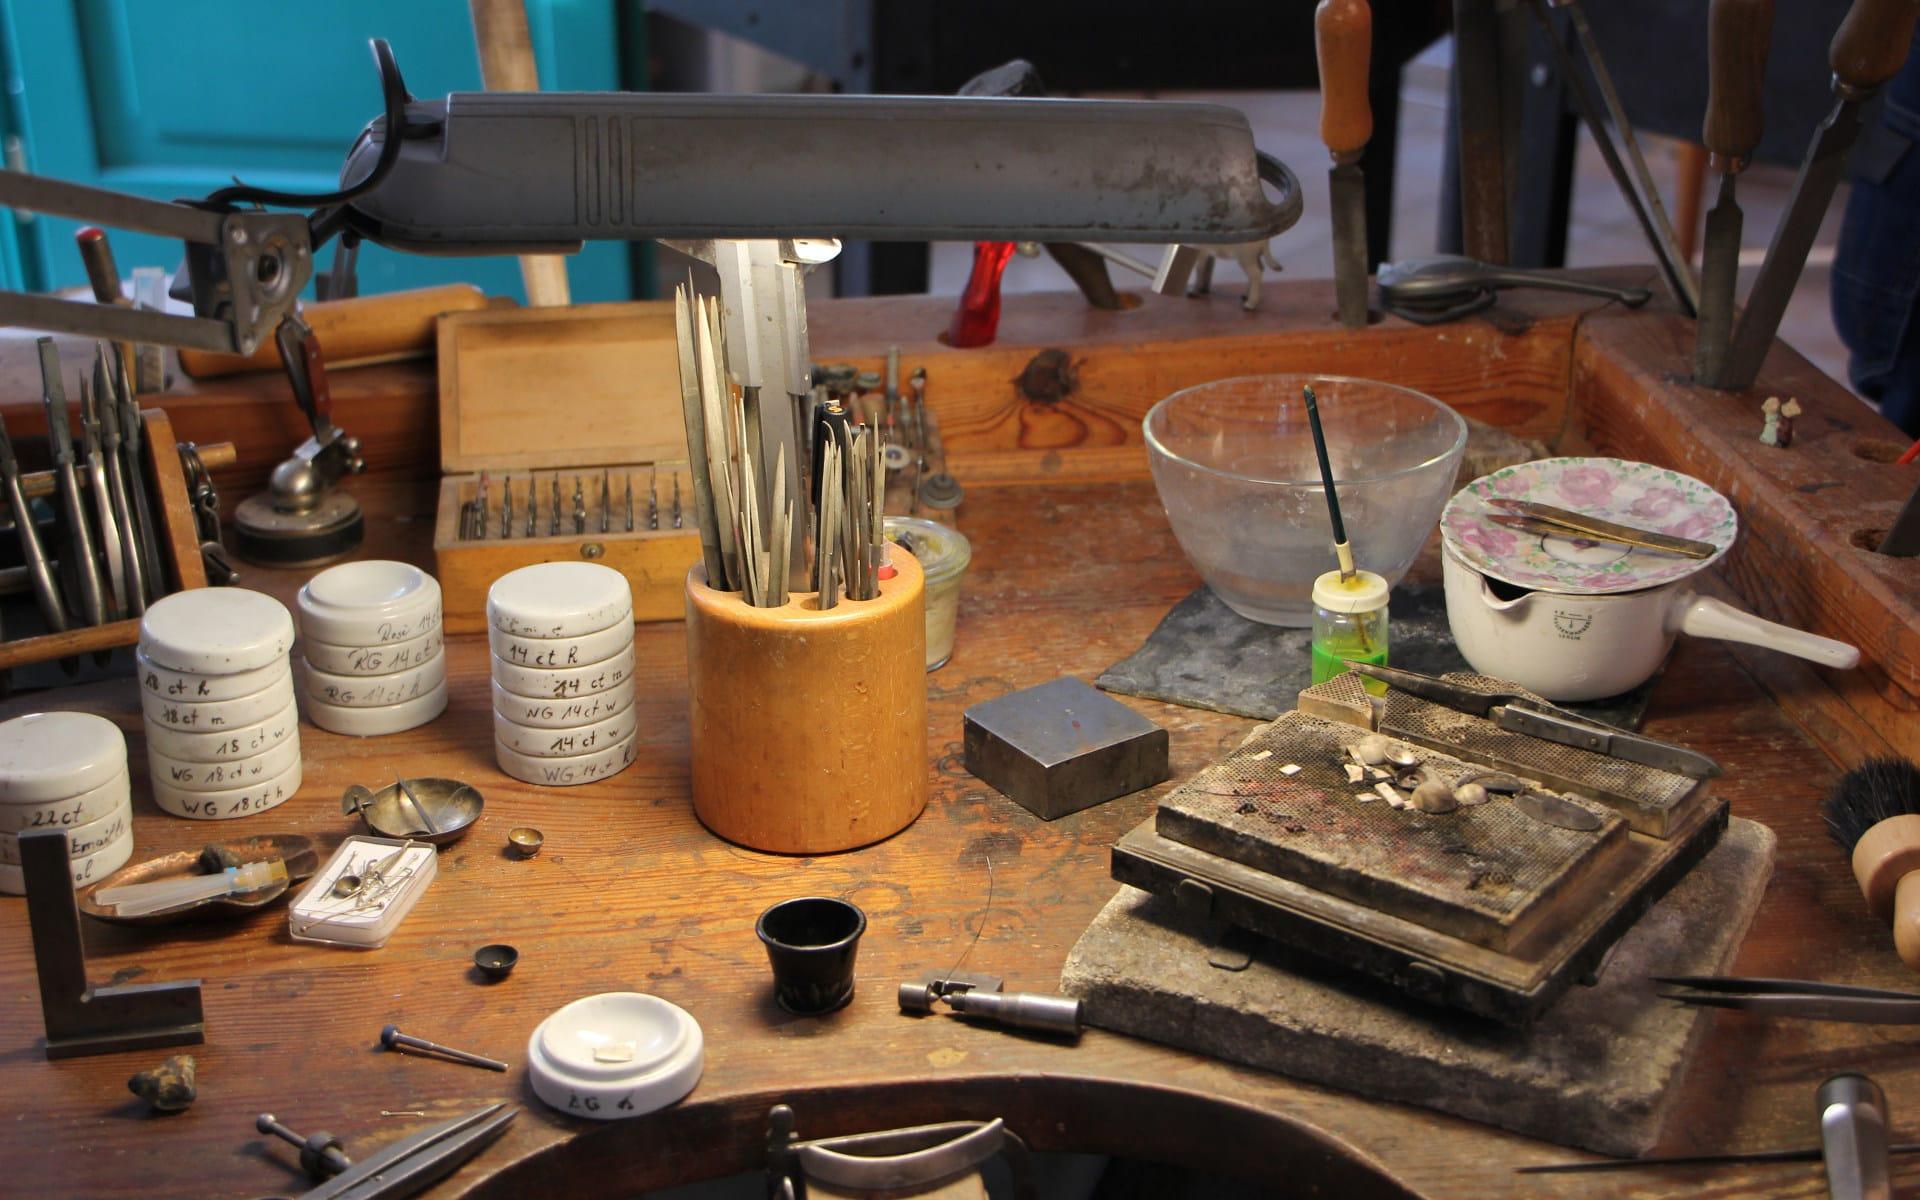 Kunsttour Betzin-Brunne - Werkzeuge und Werkbank in der Werkstatt